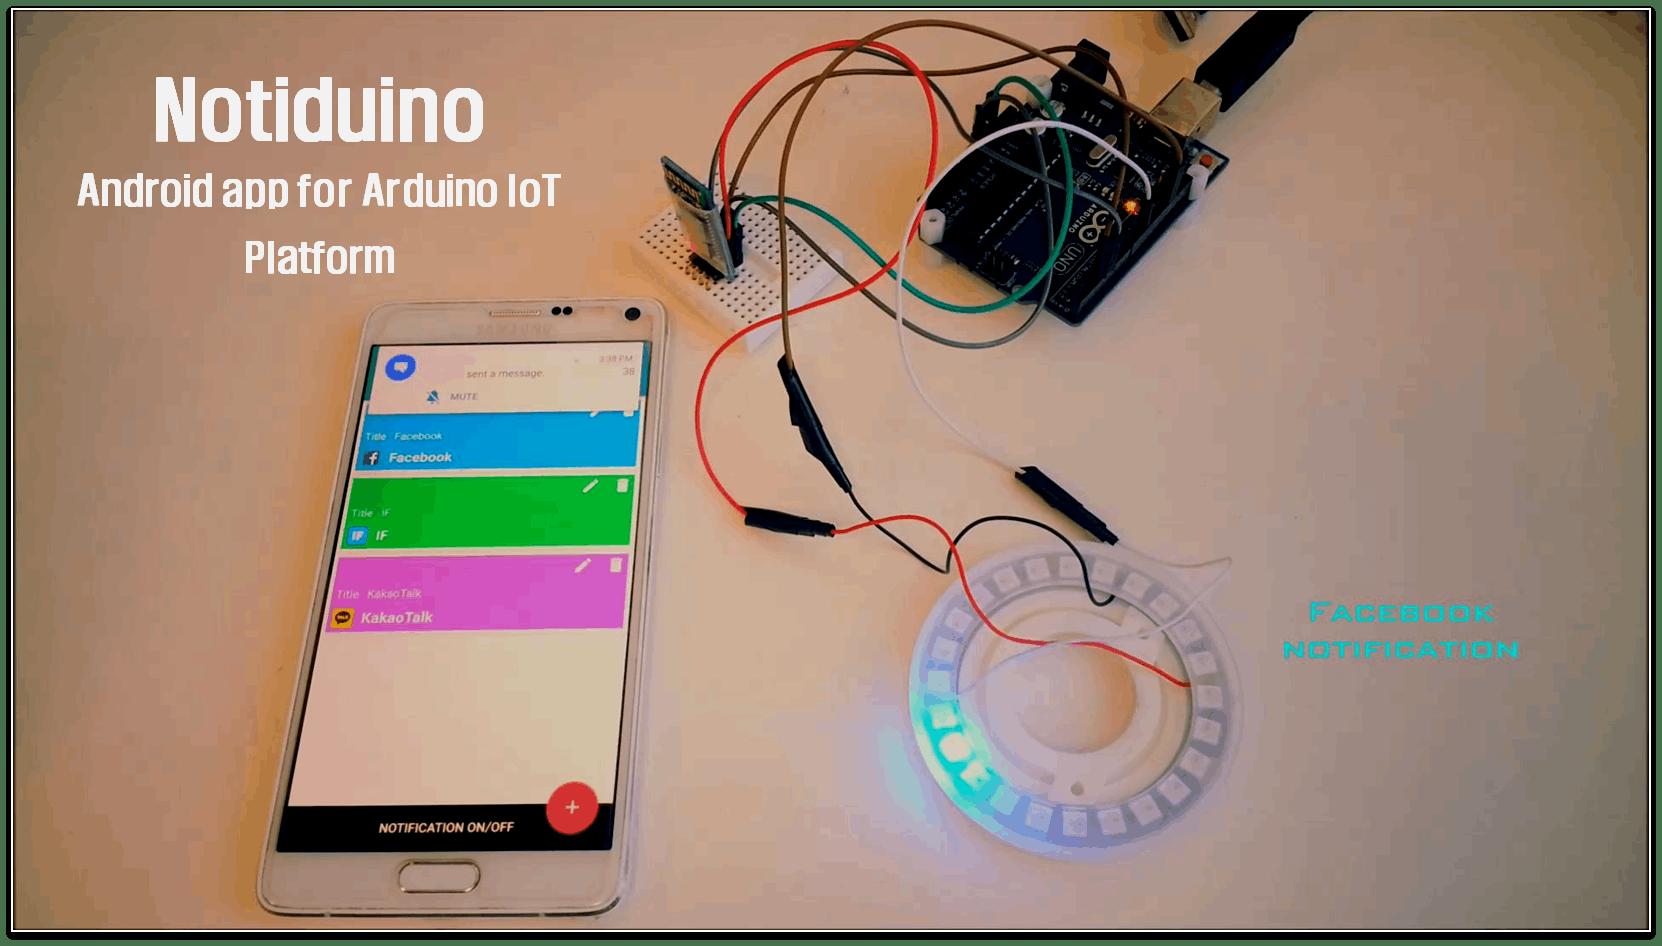 Notification IoT Using NeoPixel and Smartphone